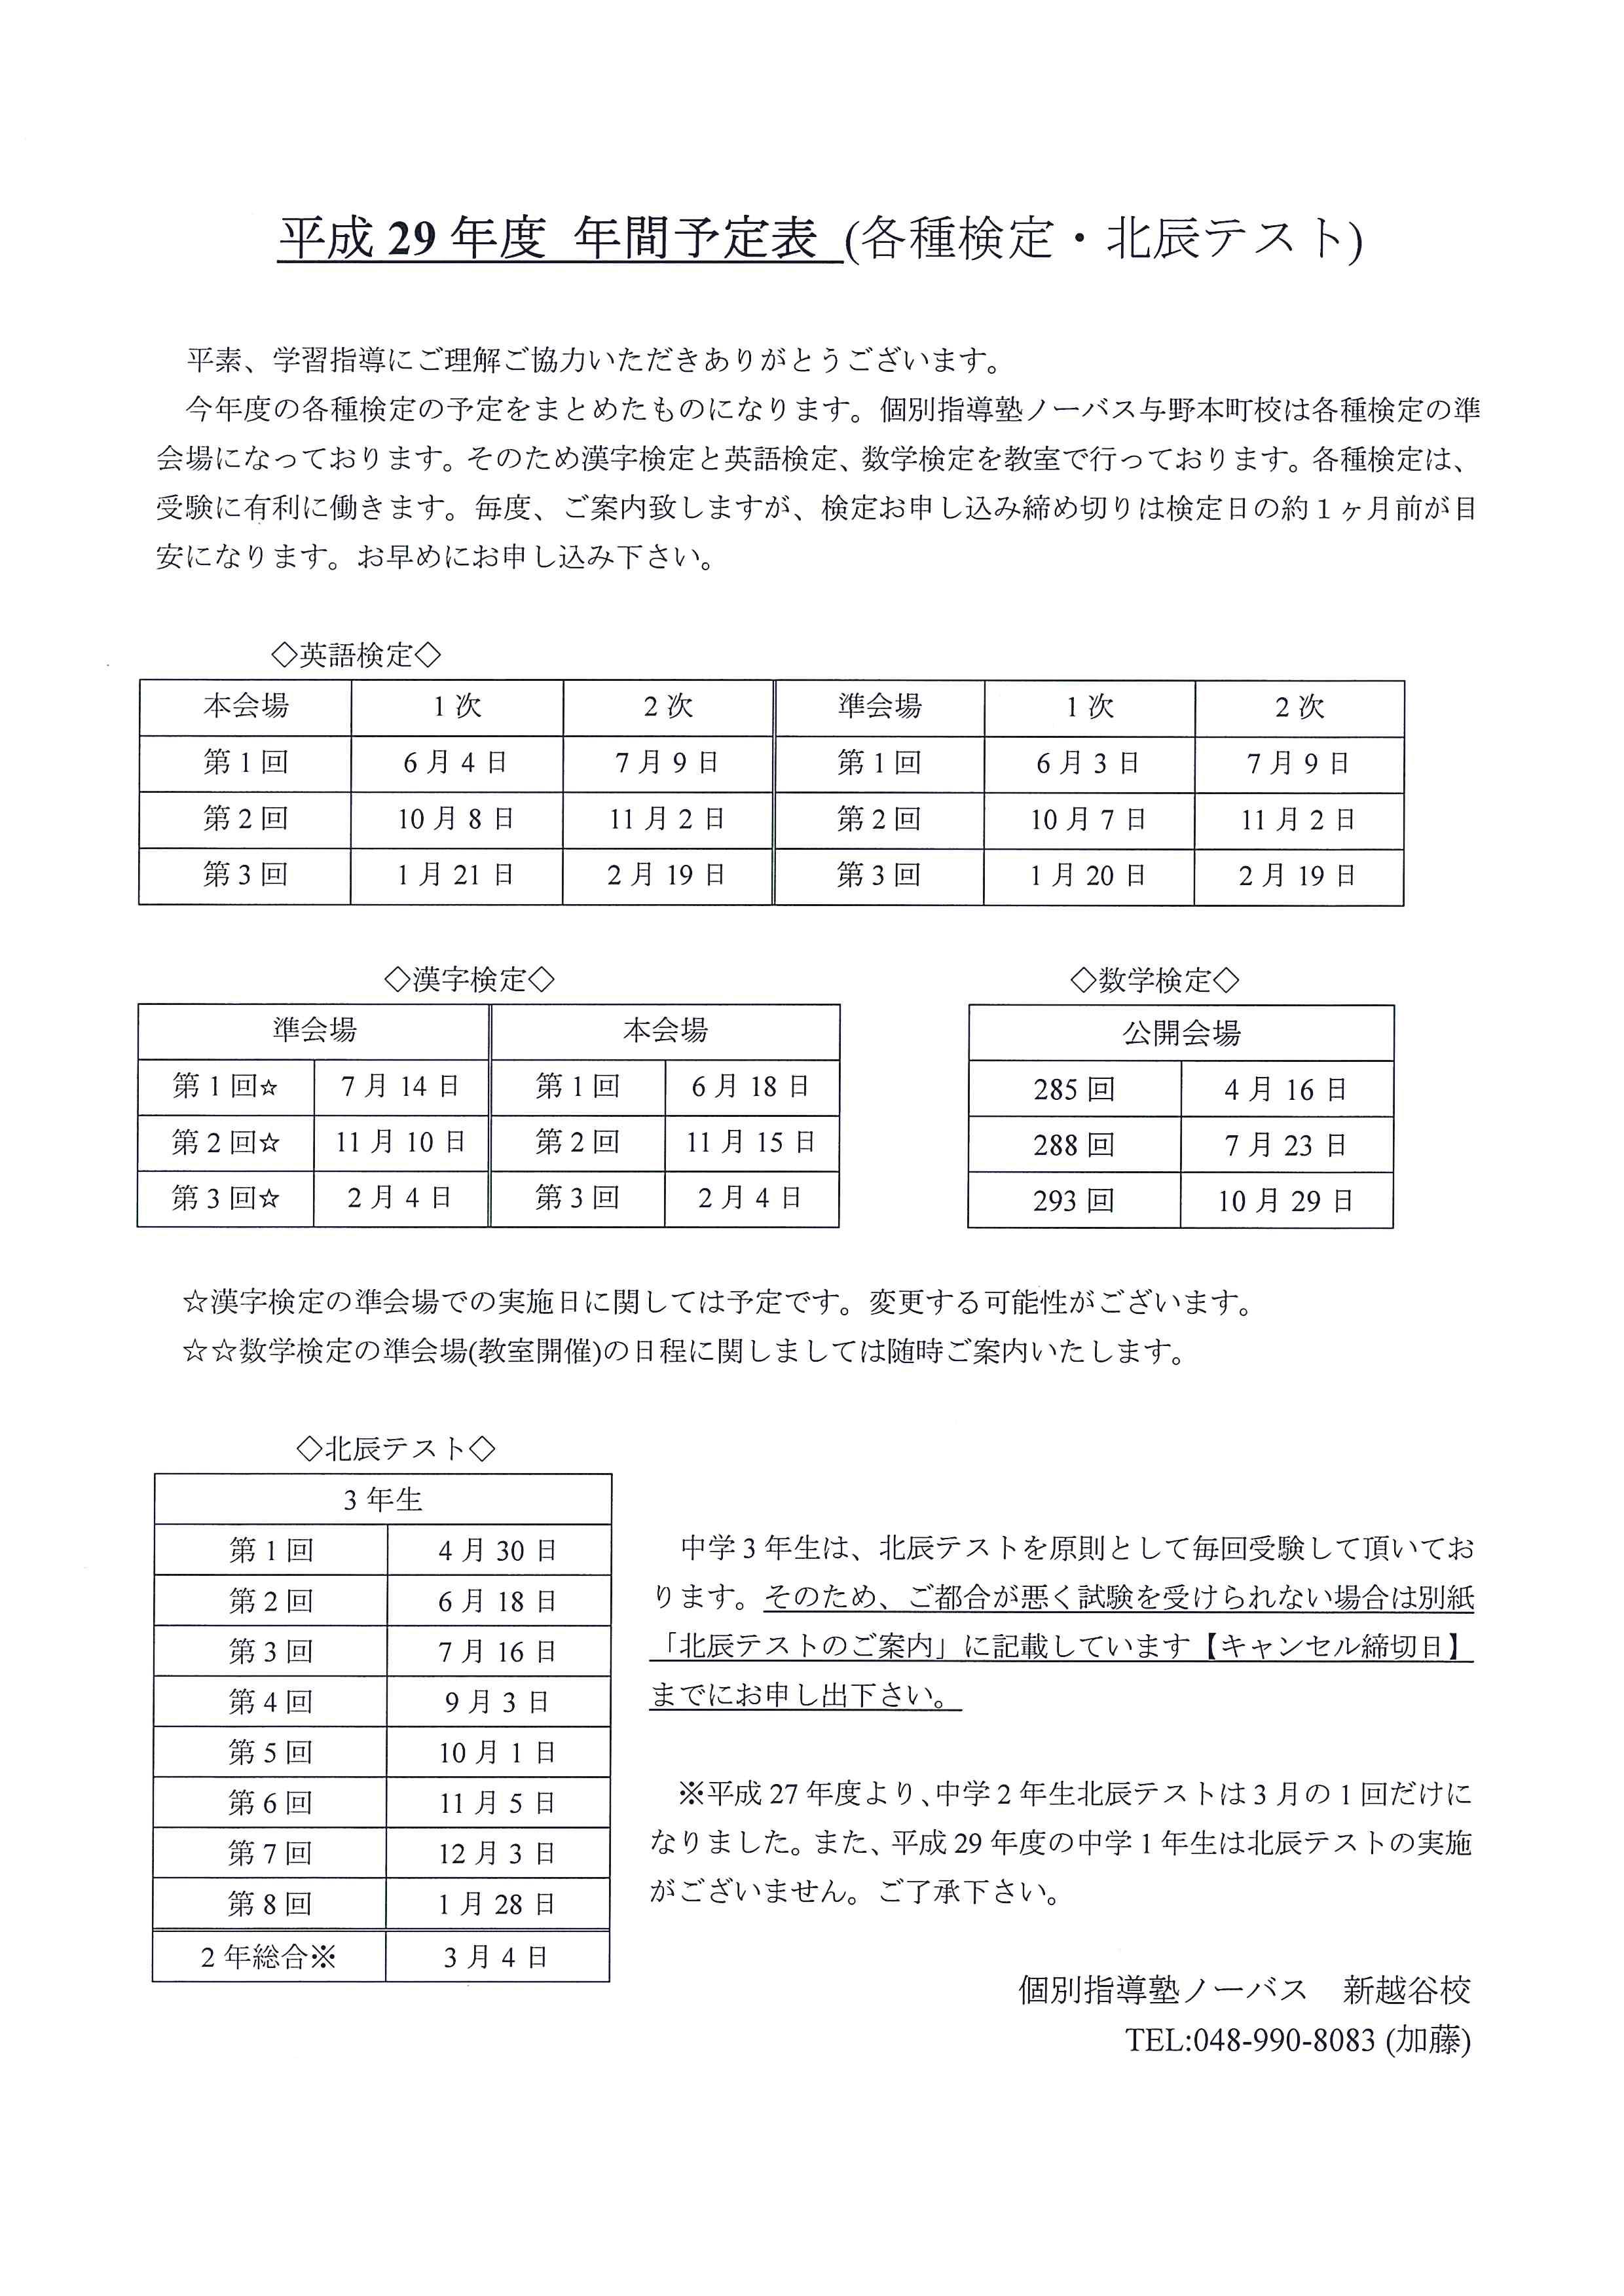 【平成29年度検定実施のご案内】